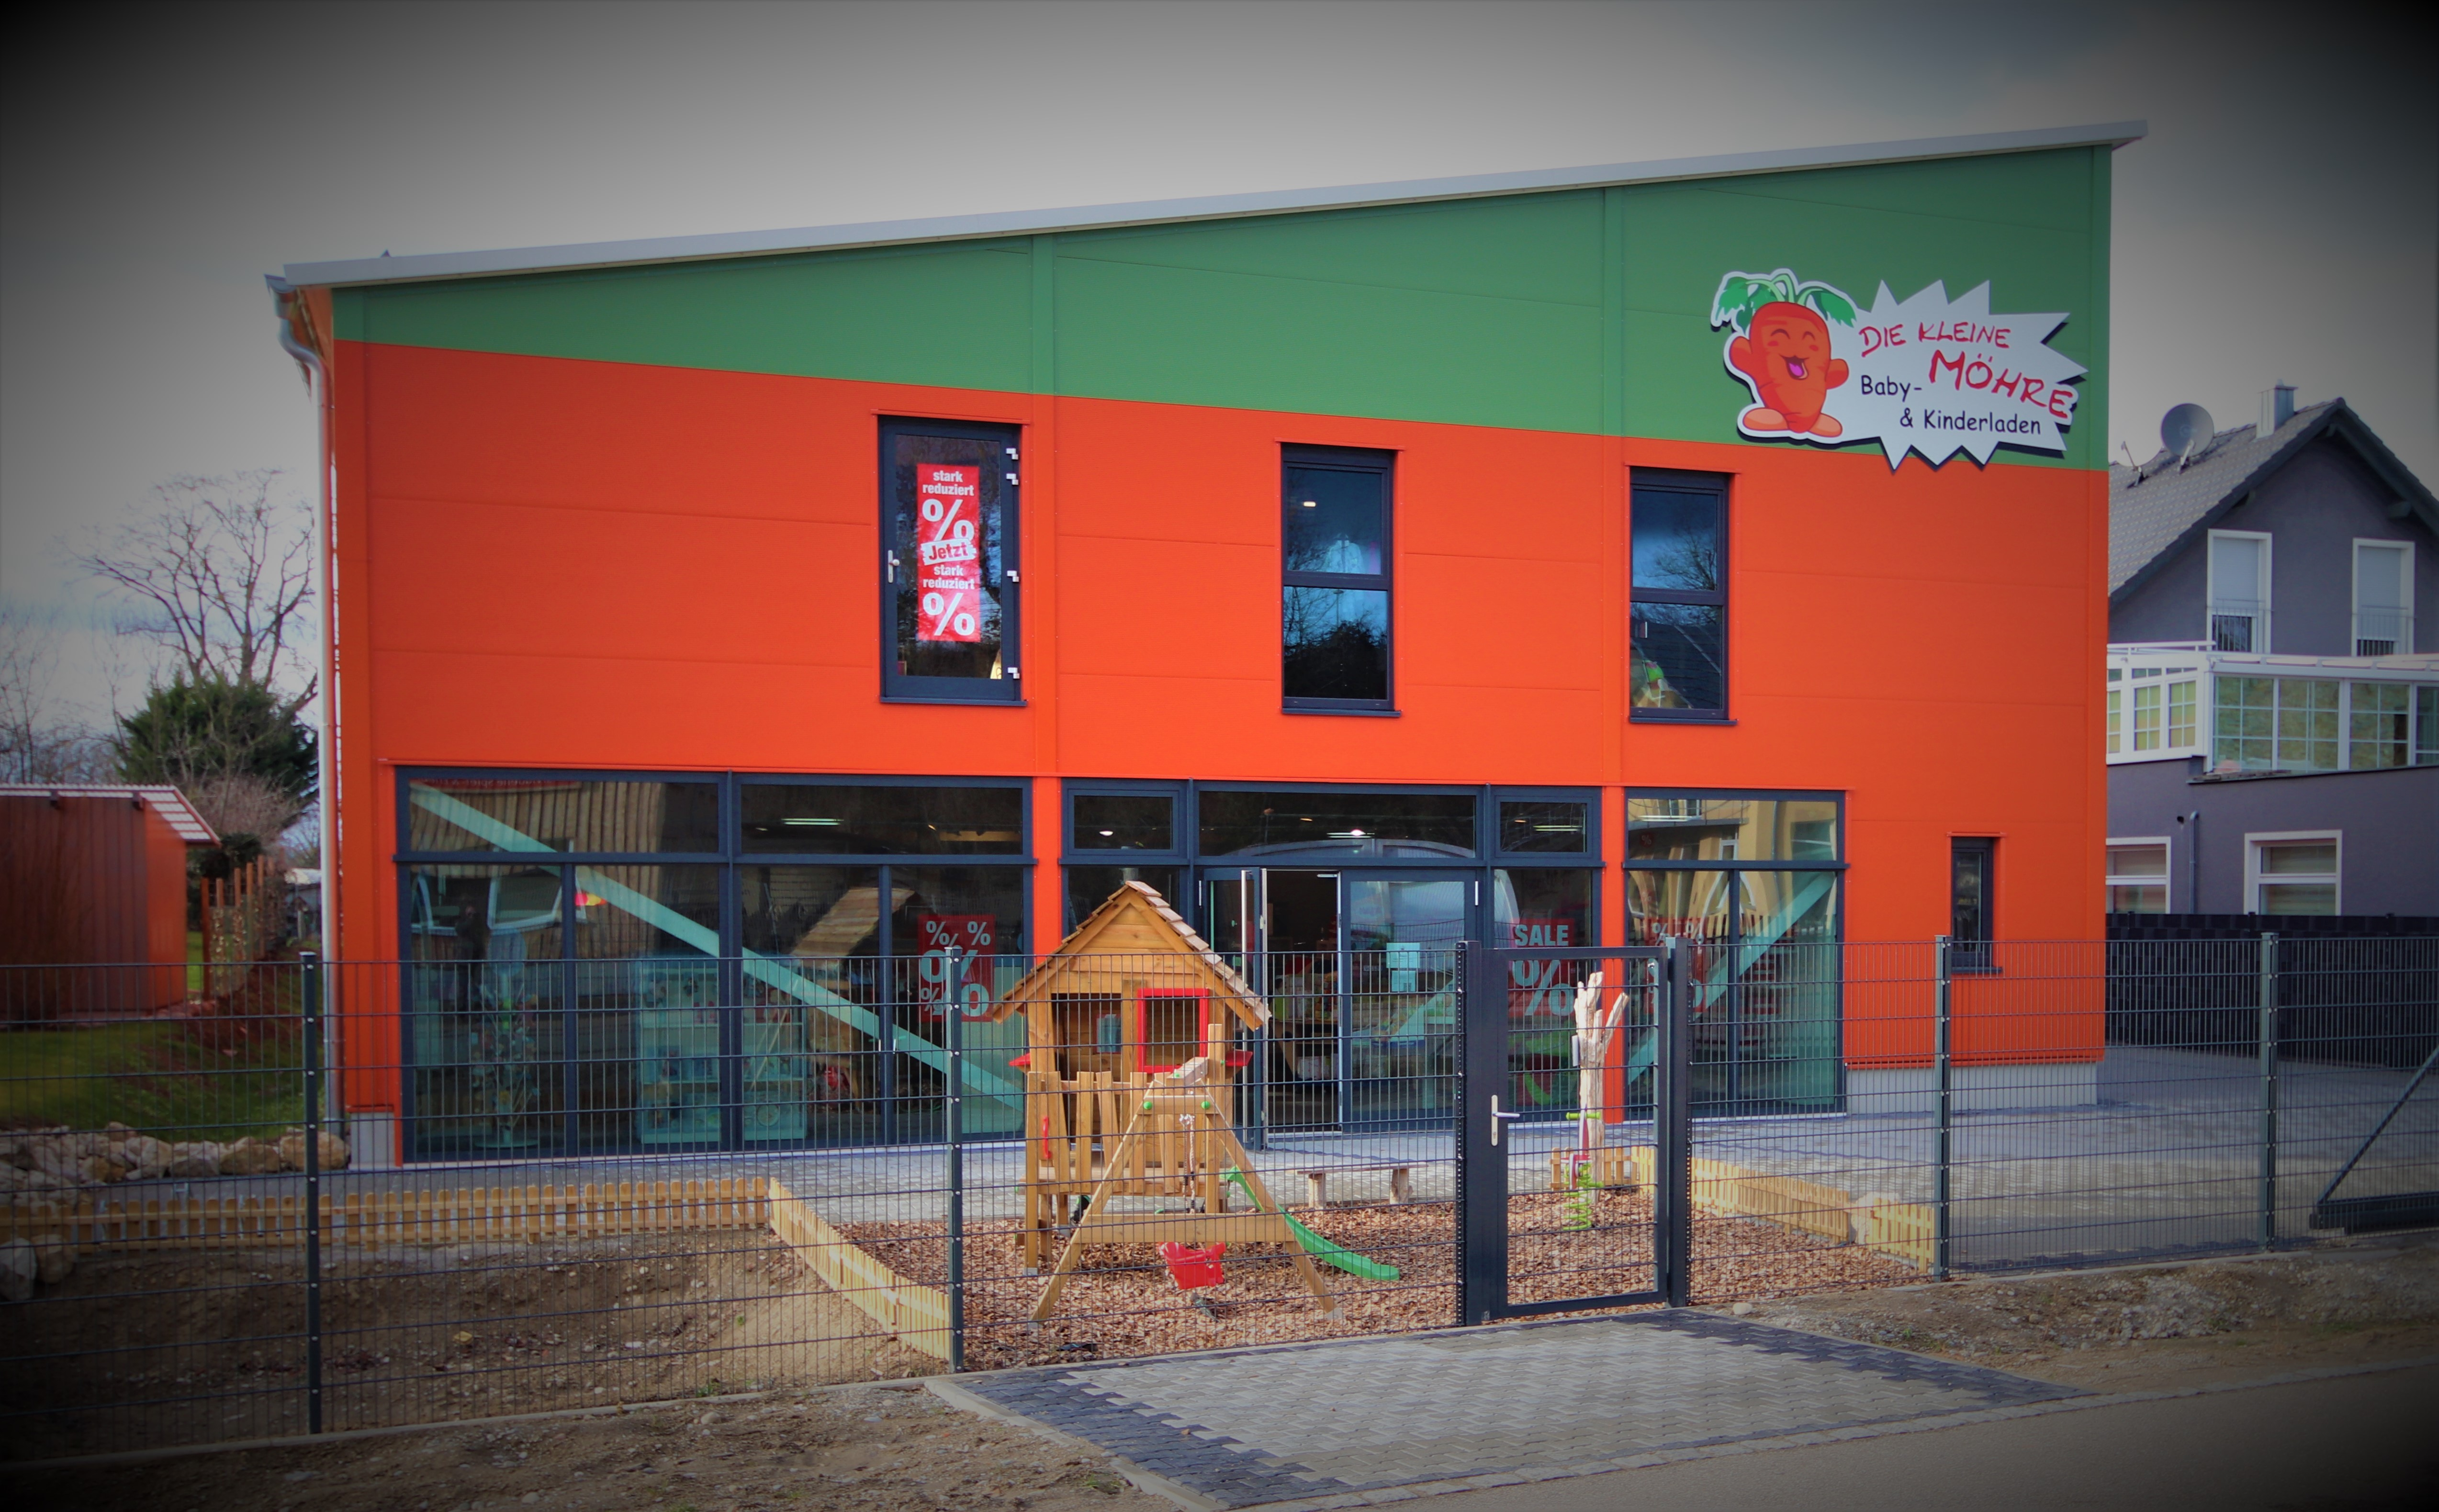 Die kleine Möhre Baby & Kinderladen - Neuware & Second